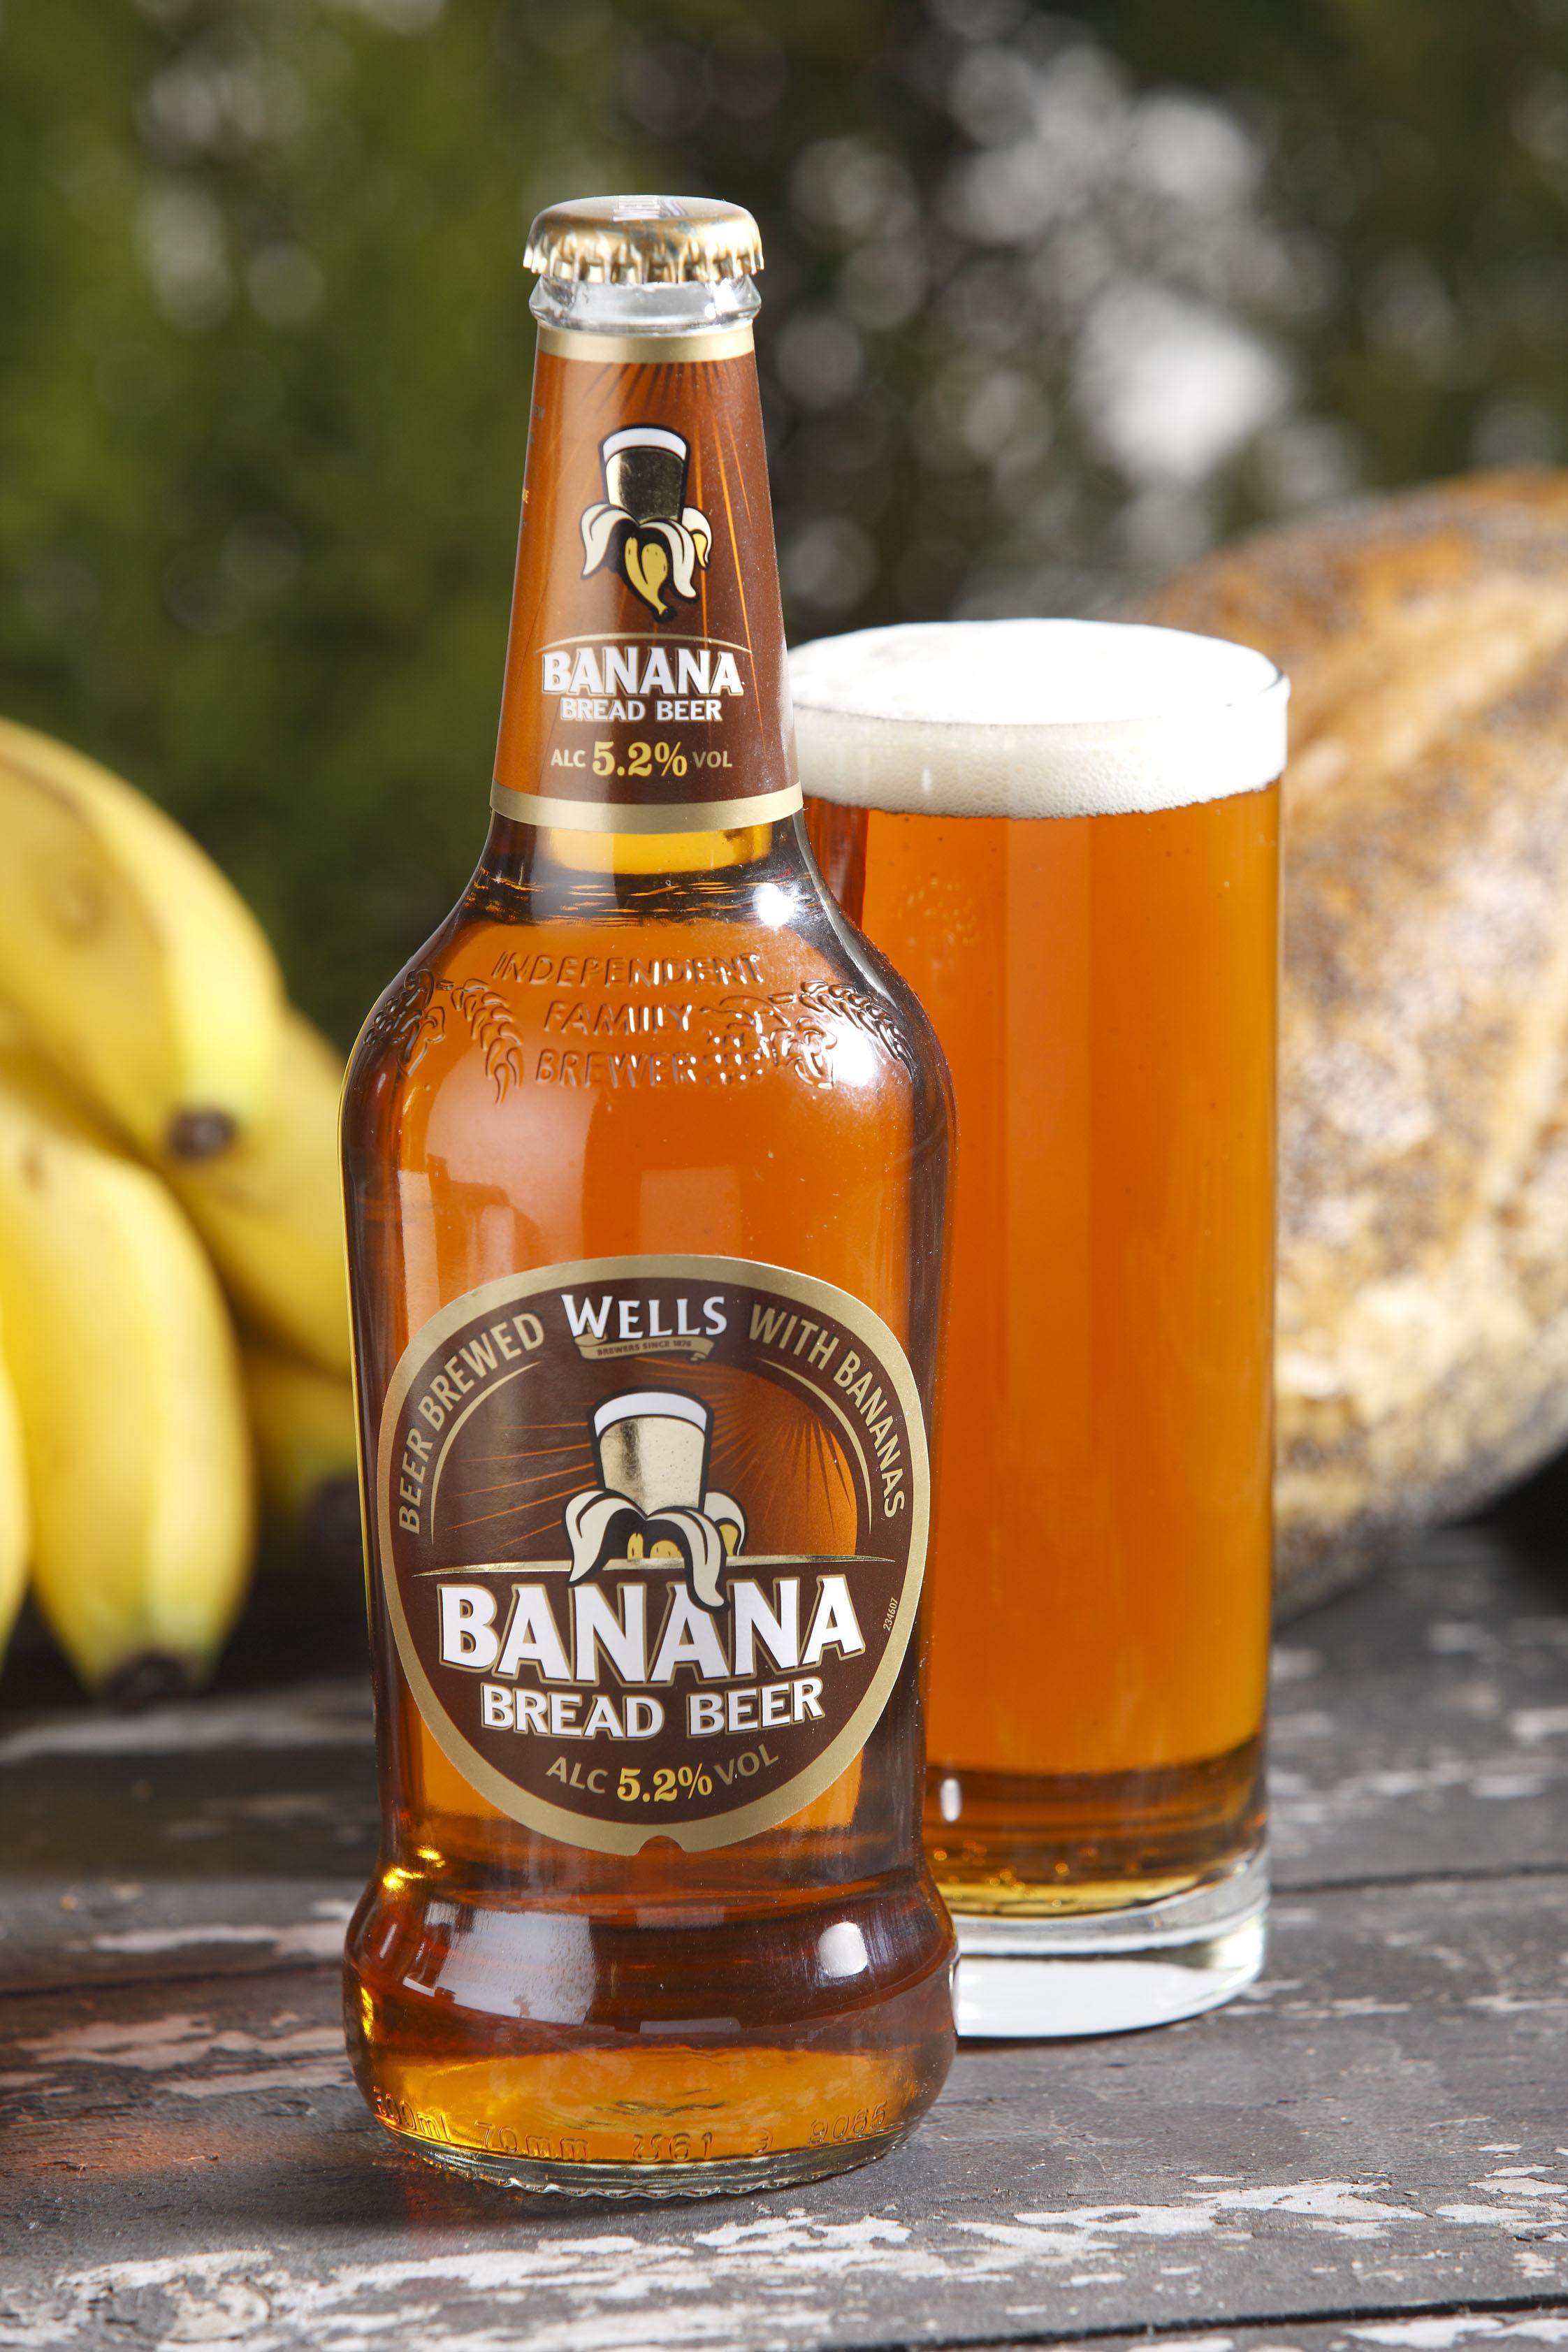 Wells Banana Bread Beer  Banana Bread Beer Charles Wells' Enduring Oddity